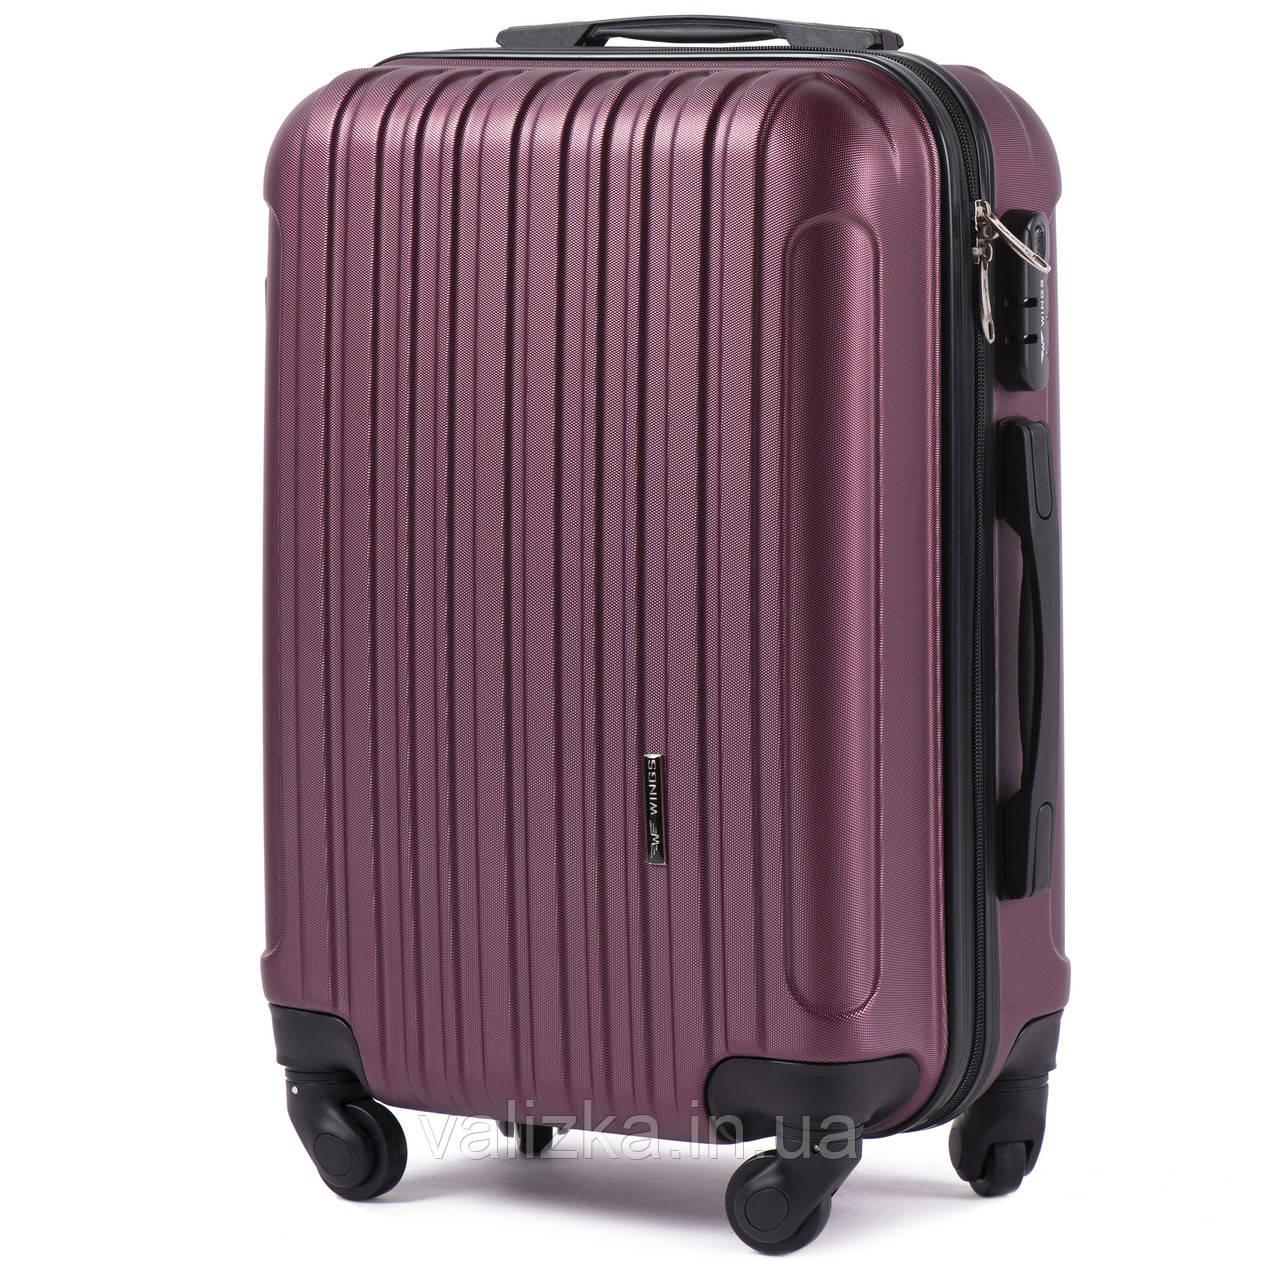 Пластиковый чемодан для ручной клади  S+ Wings 2011 бордовый на 4-х колесах